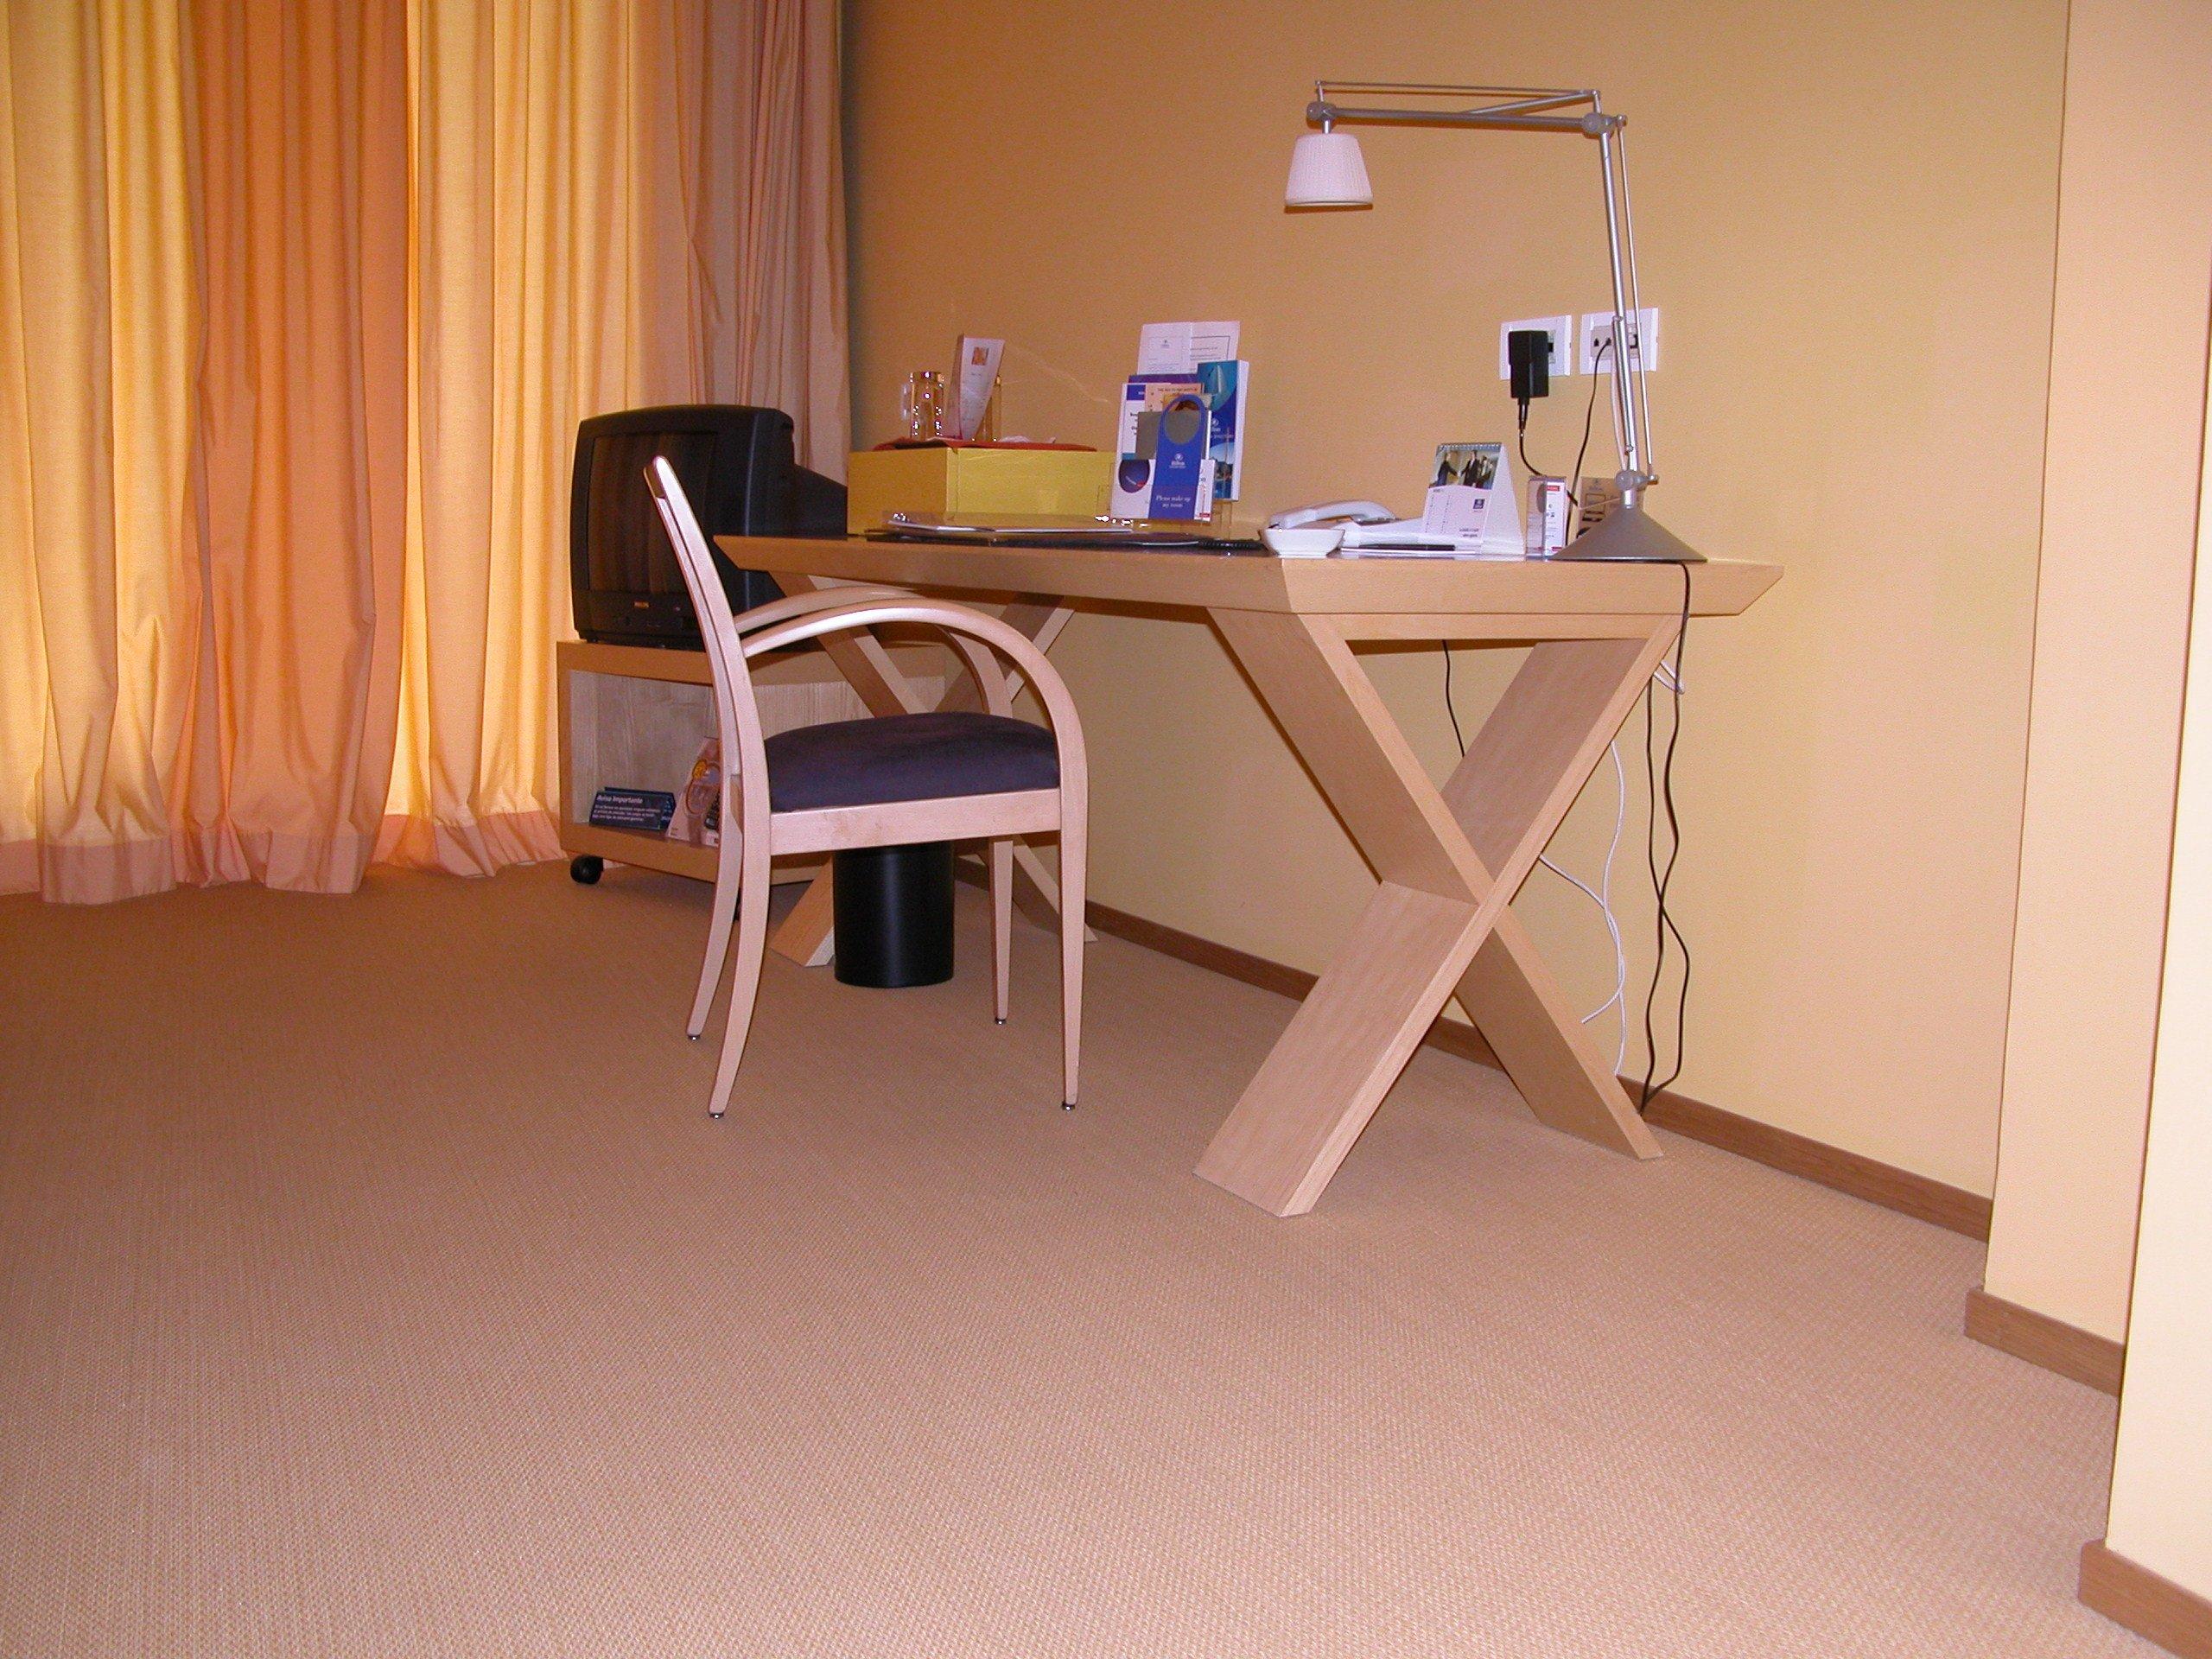 Scrivania in una stanza dell'hotel, con sedia